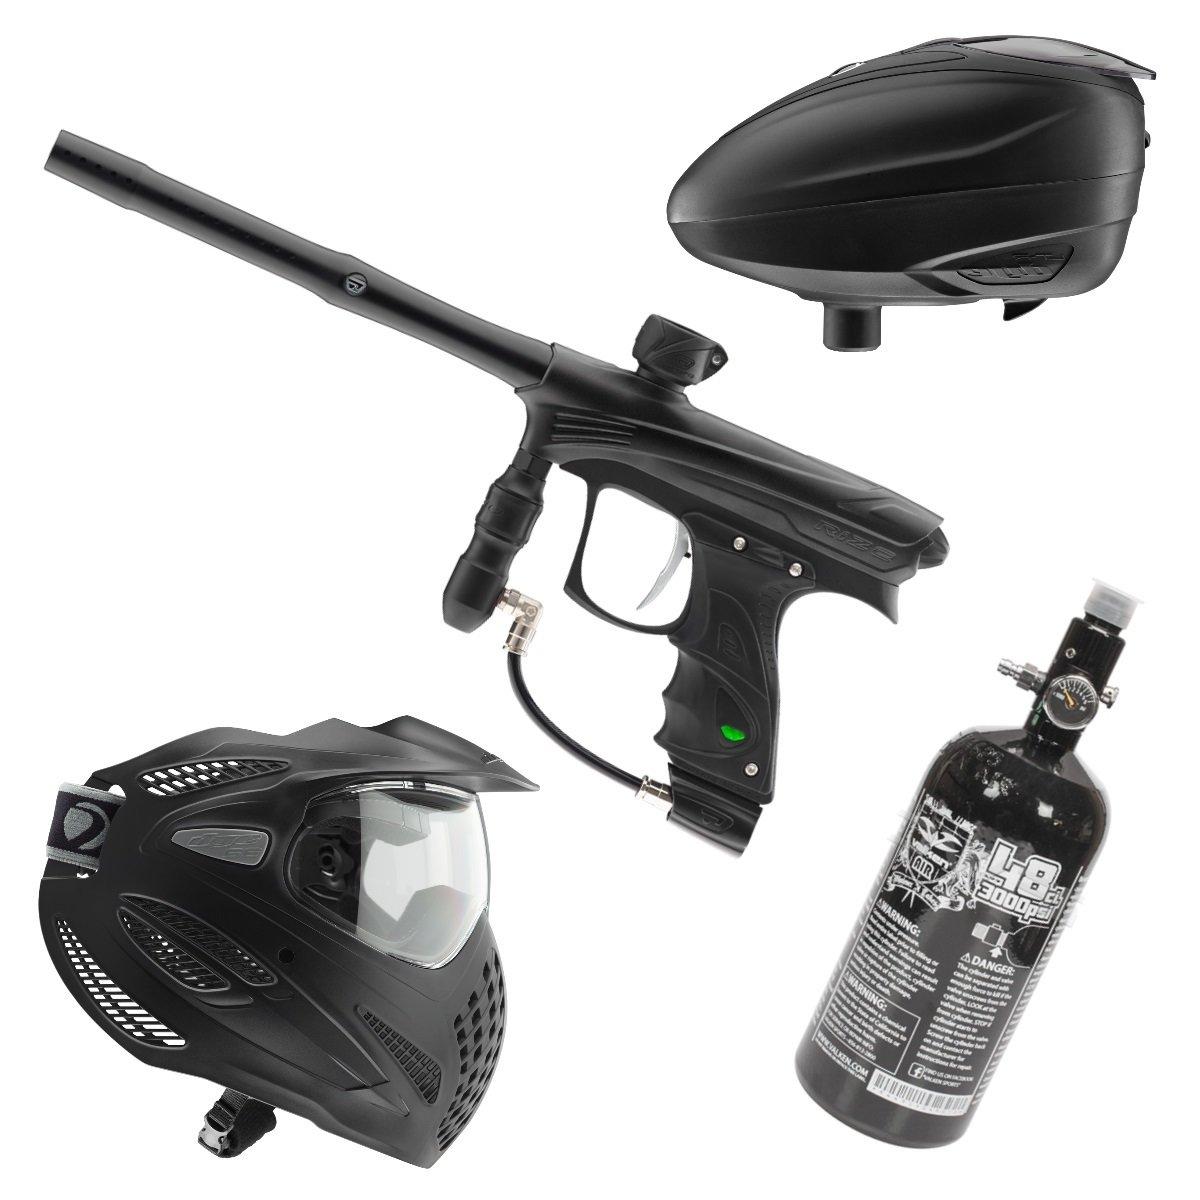 Marker Package - Dye Rize Marker - Black Dust / Dye LT-R Black / Dye Se Goggle Single / Valken 48cu 3000 psi Air Tank